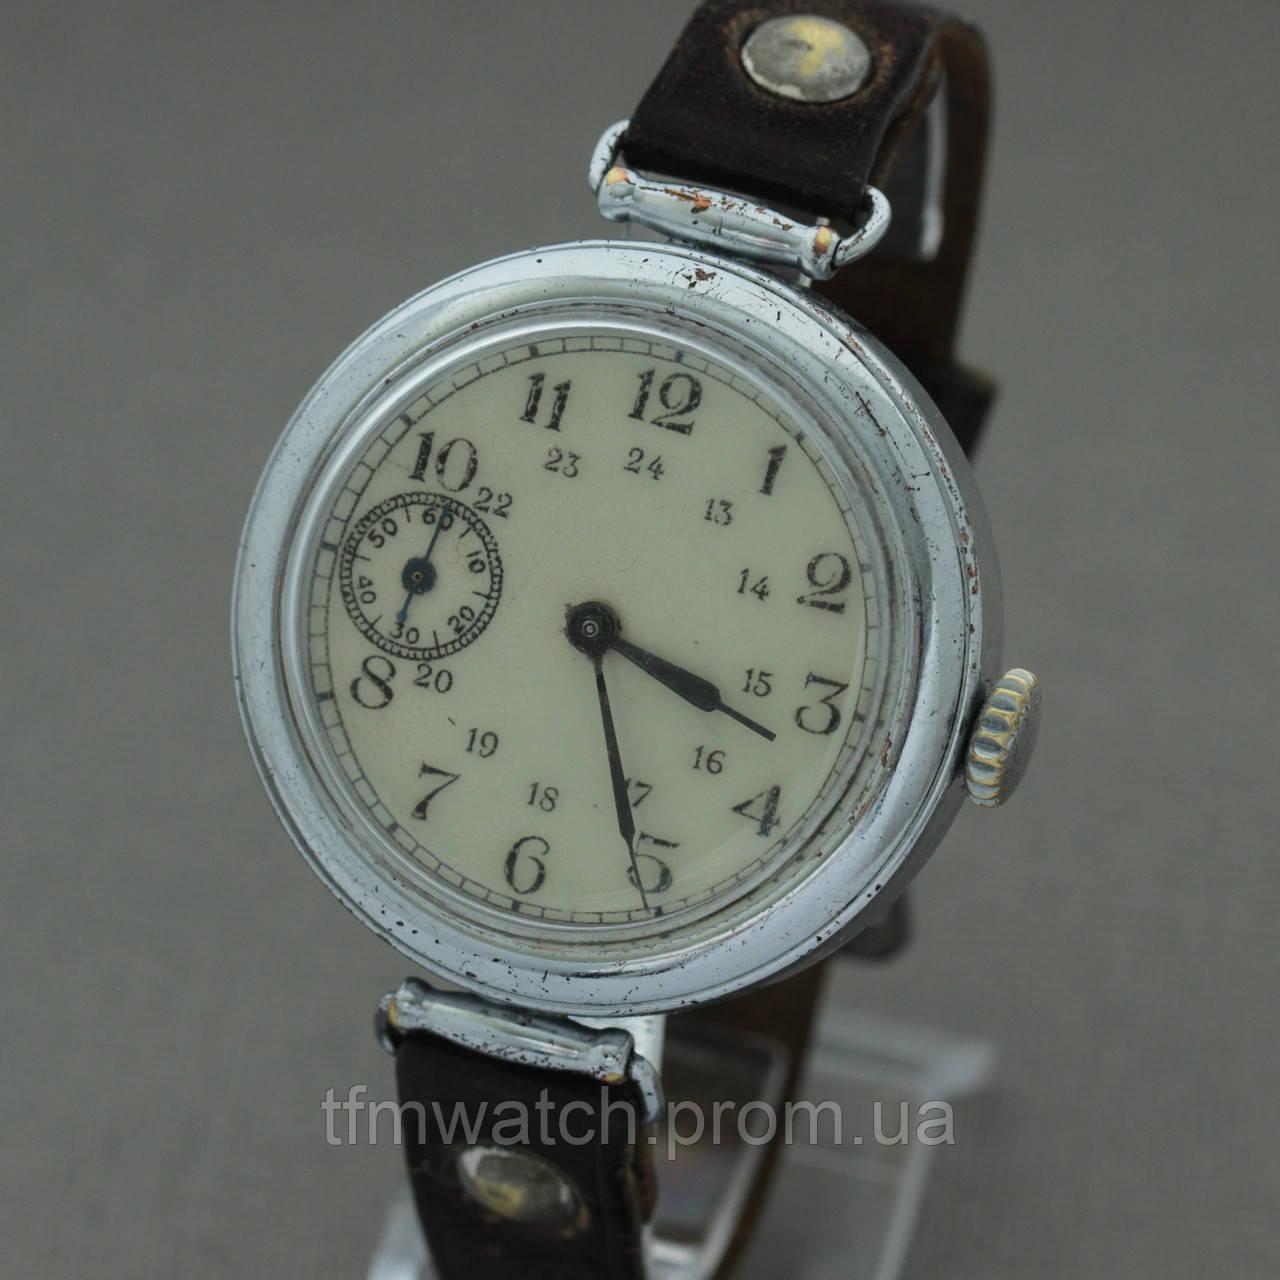 Механические часы продать старые бассейнов час один стоимость за